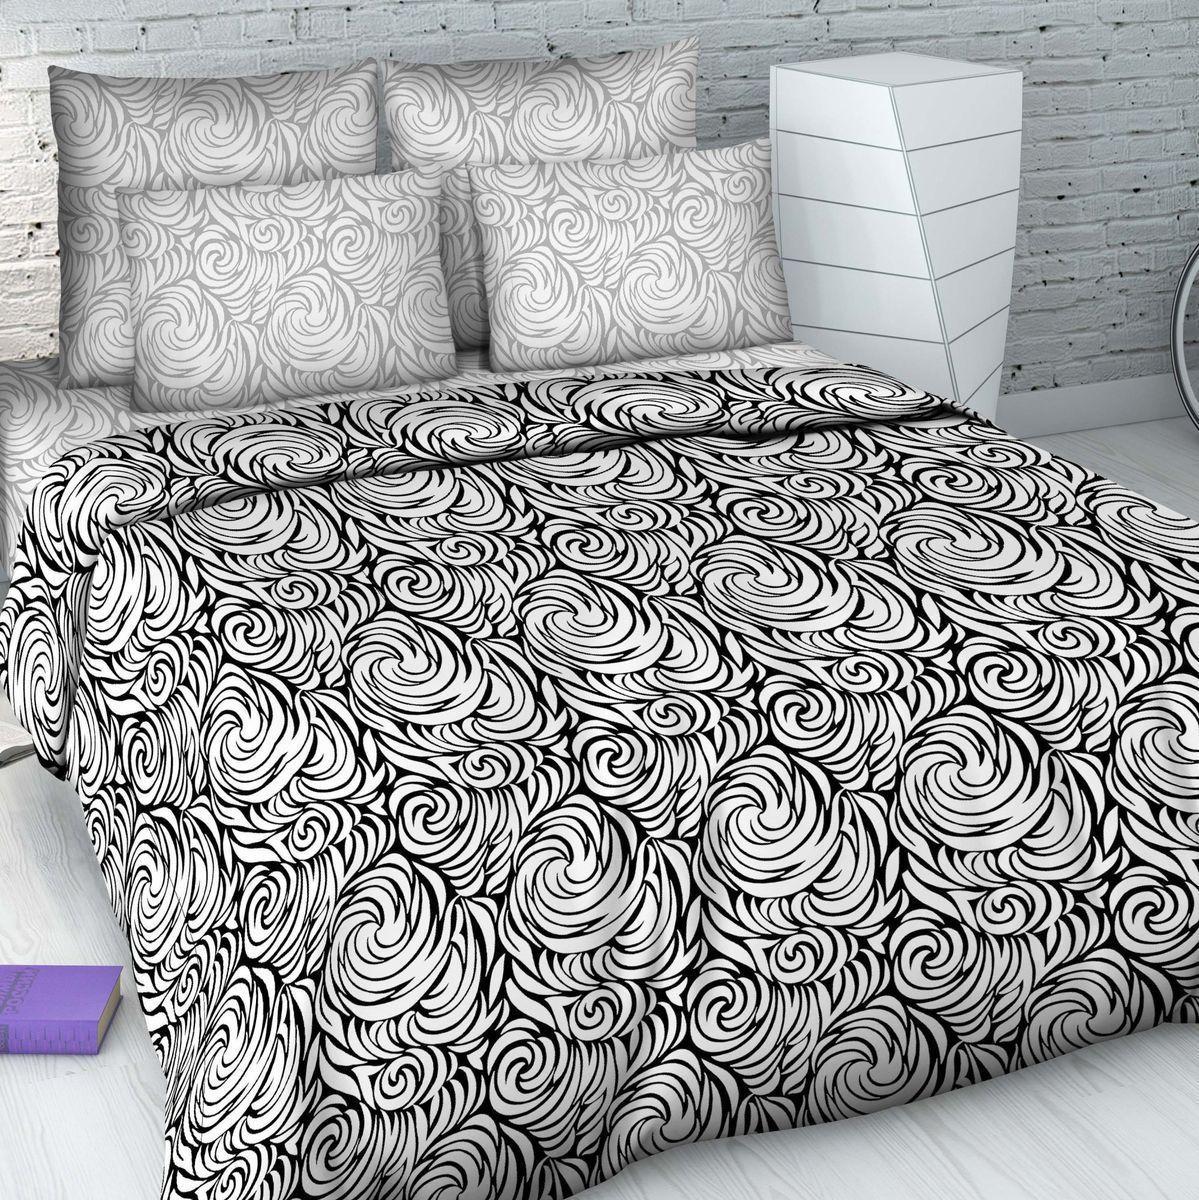 Постельное белье Василиса КПБ Дуэт 2-х спальный наволочка 70х70 постельное белье cleo кпб сатин набивной люкс дизайн 200 2 спальный